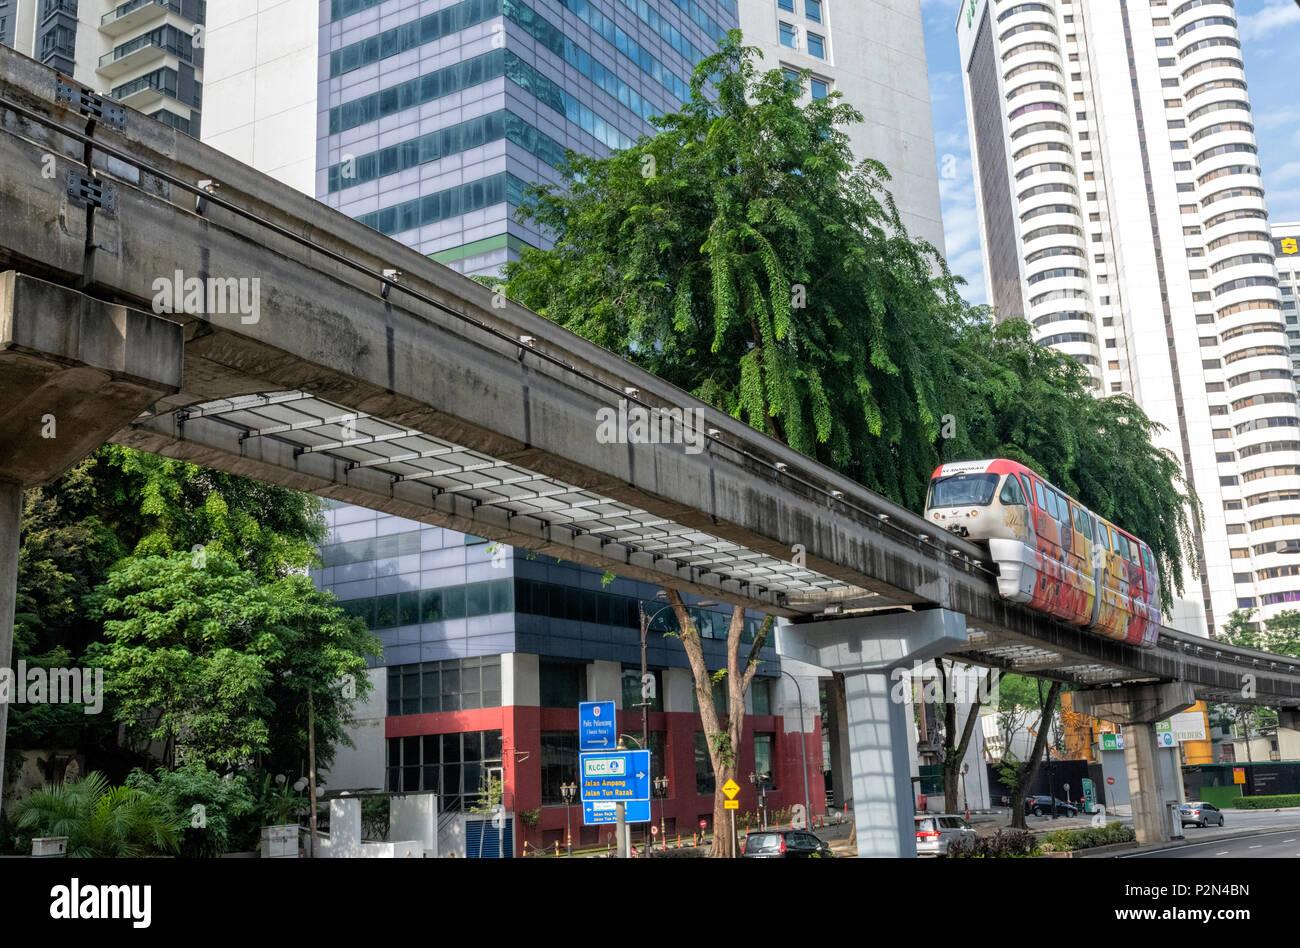 Un monorraíl coche pasa por encima de una carretera principal en el centro de Kuala Lumpur, Malasia Imagen De Stock